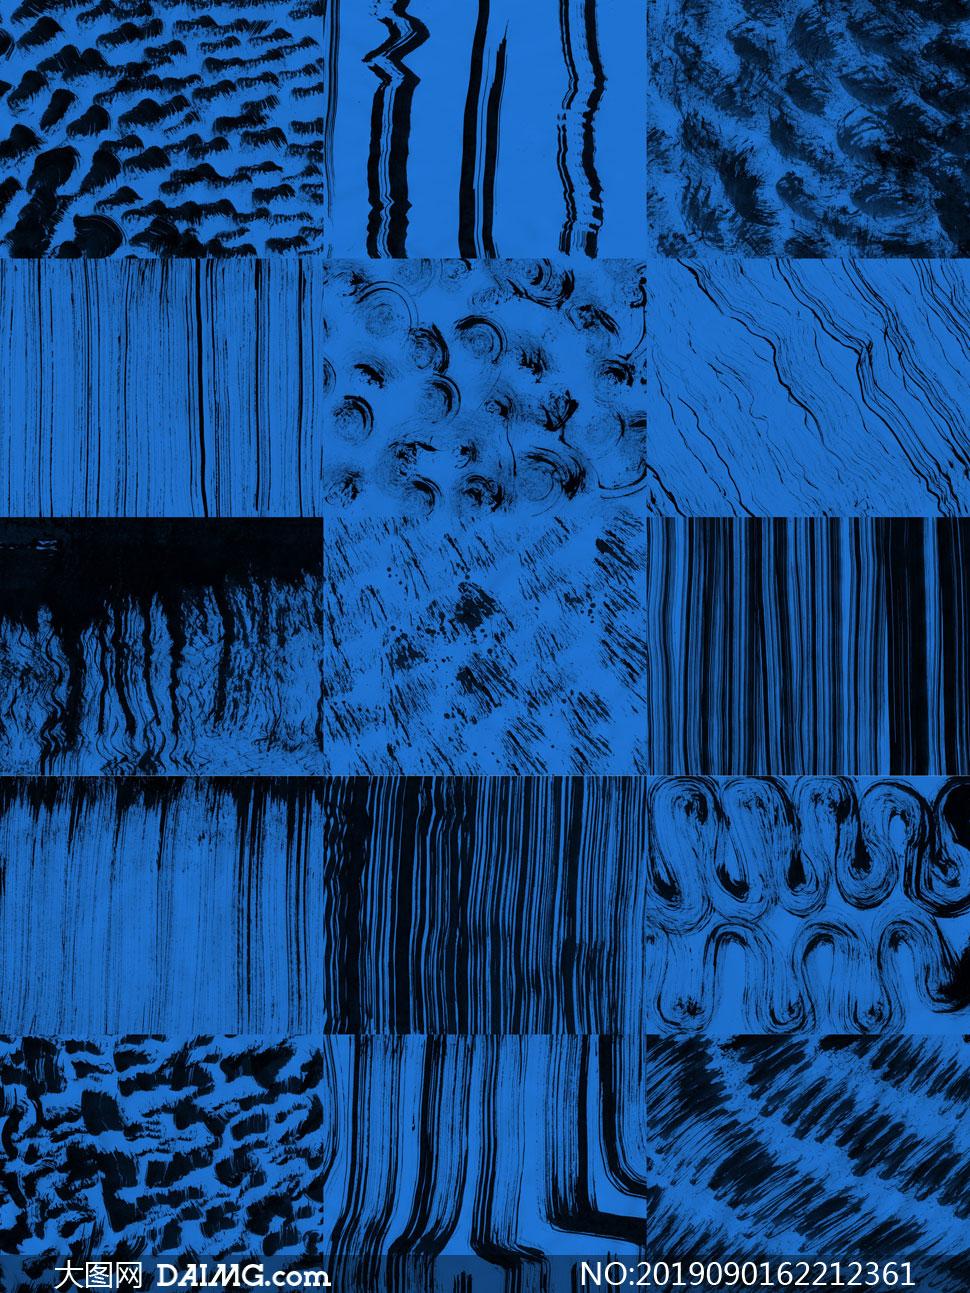 蓝底的墨迹元素抽象背景创意图片V1